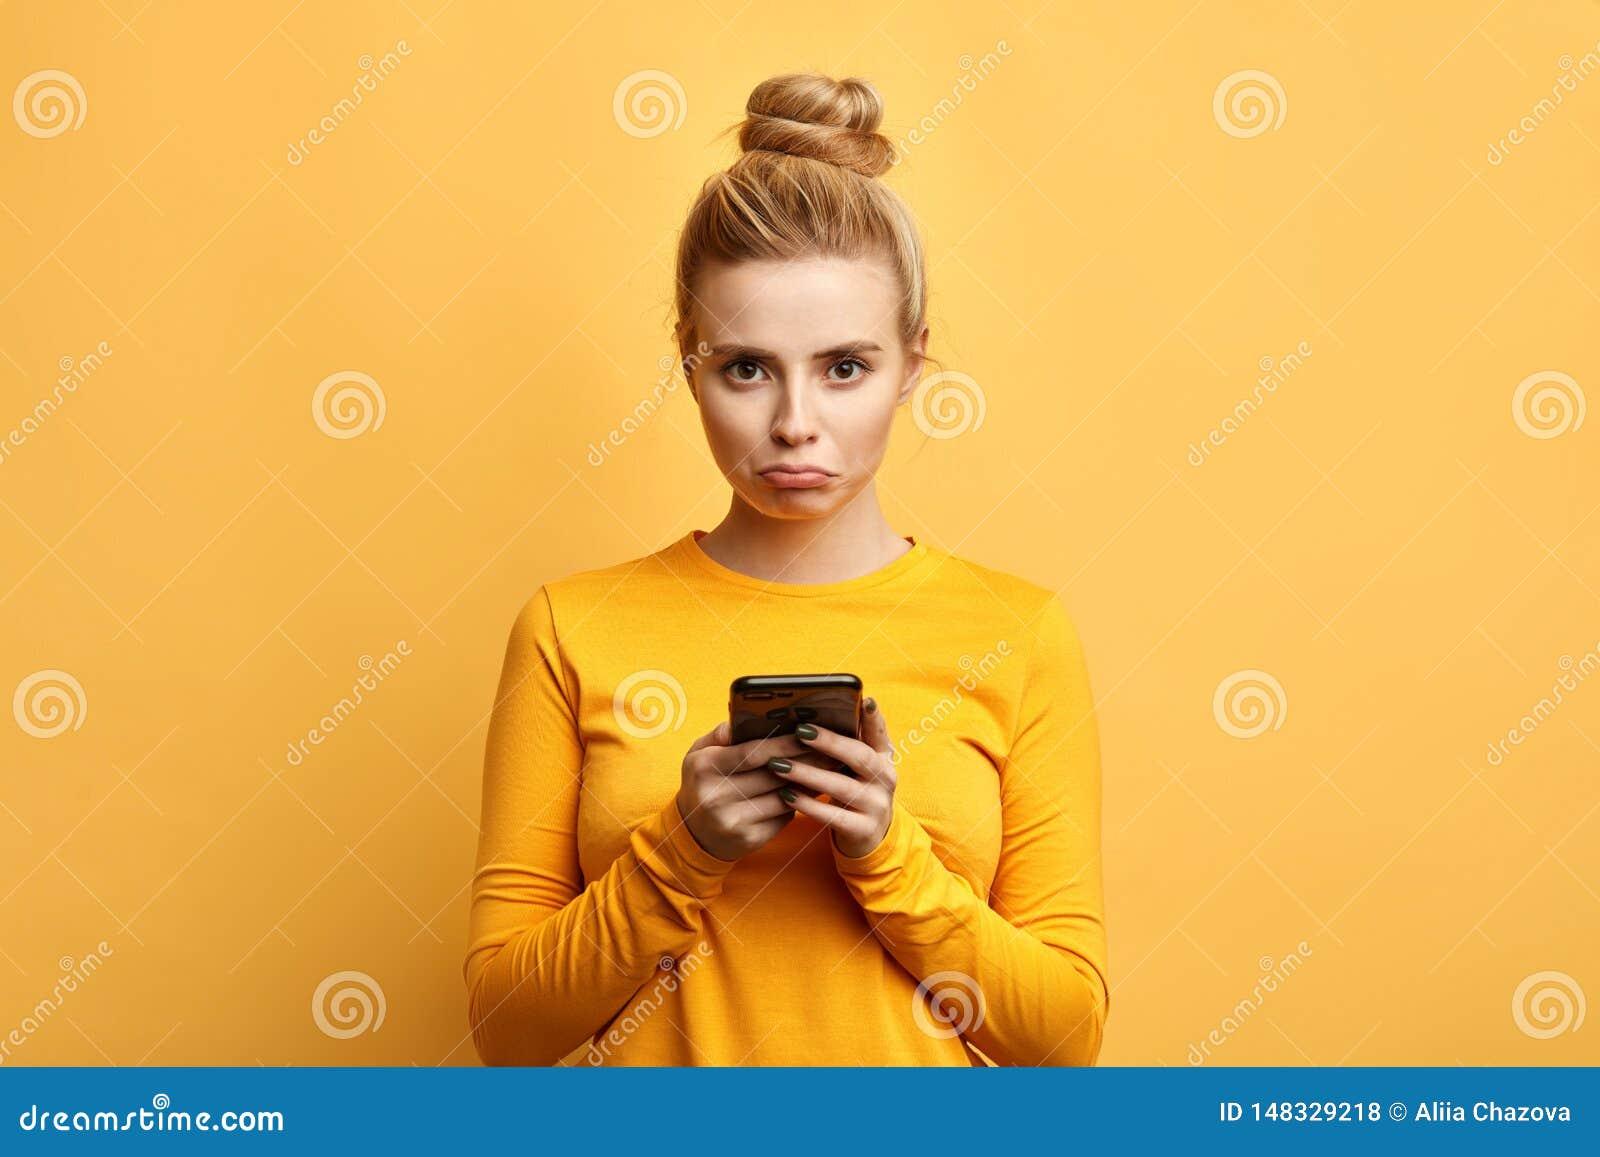 λυπημένη γυναίκα που ενοχλείται από κάτι χρησιμοποιώντας το τηλέφωνοη